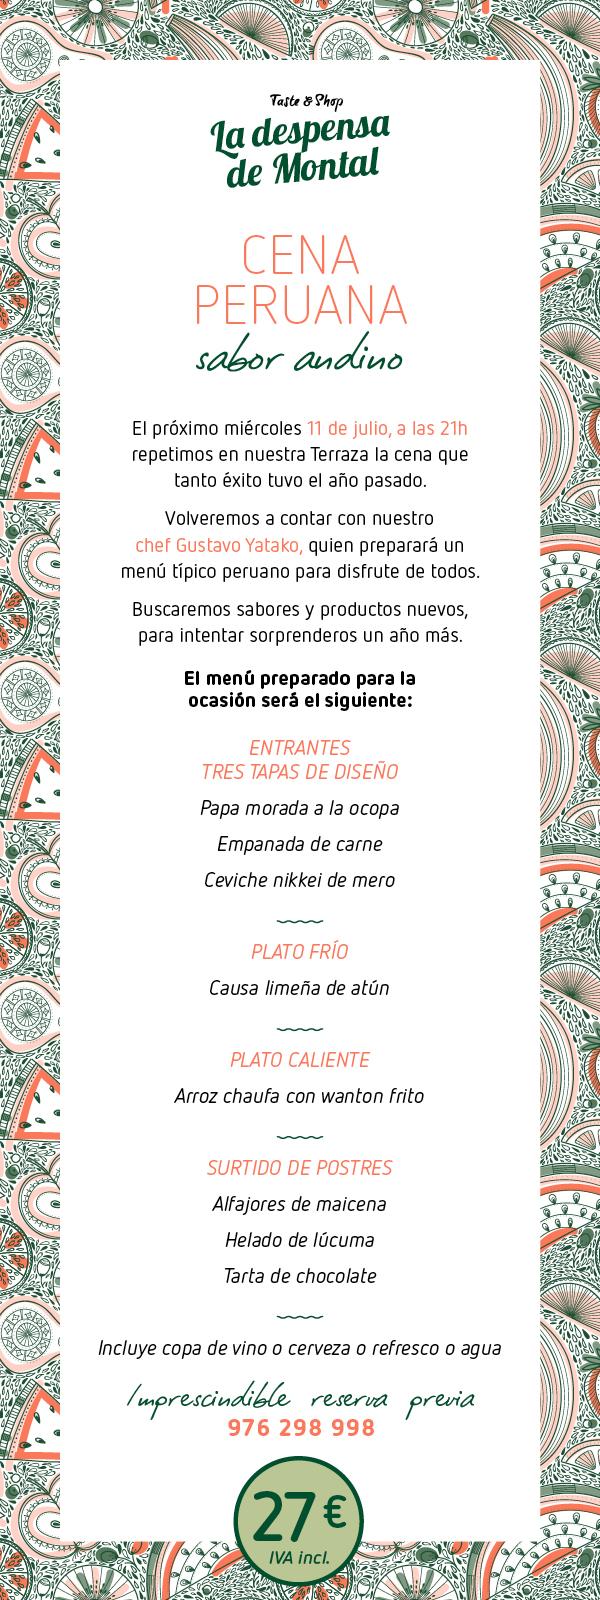 Cena peruana, descubre el sabor andino